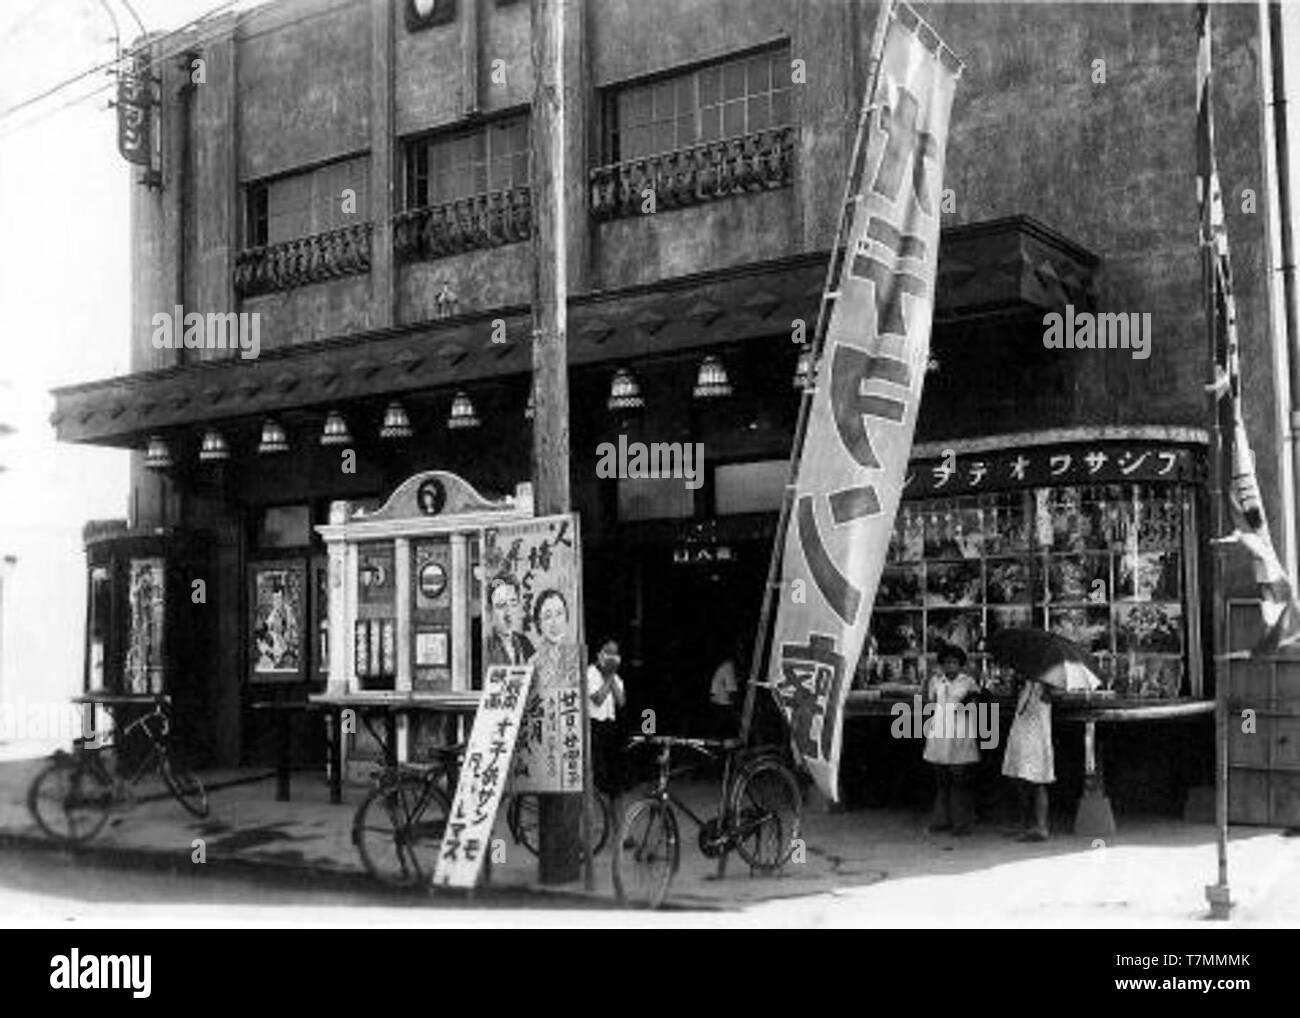 Fujisawa Odeon in Japan Cinemas in Kanagawa prefecture - Stock Image